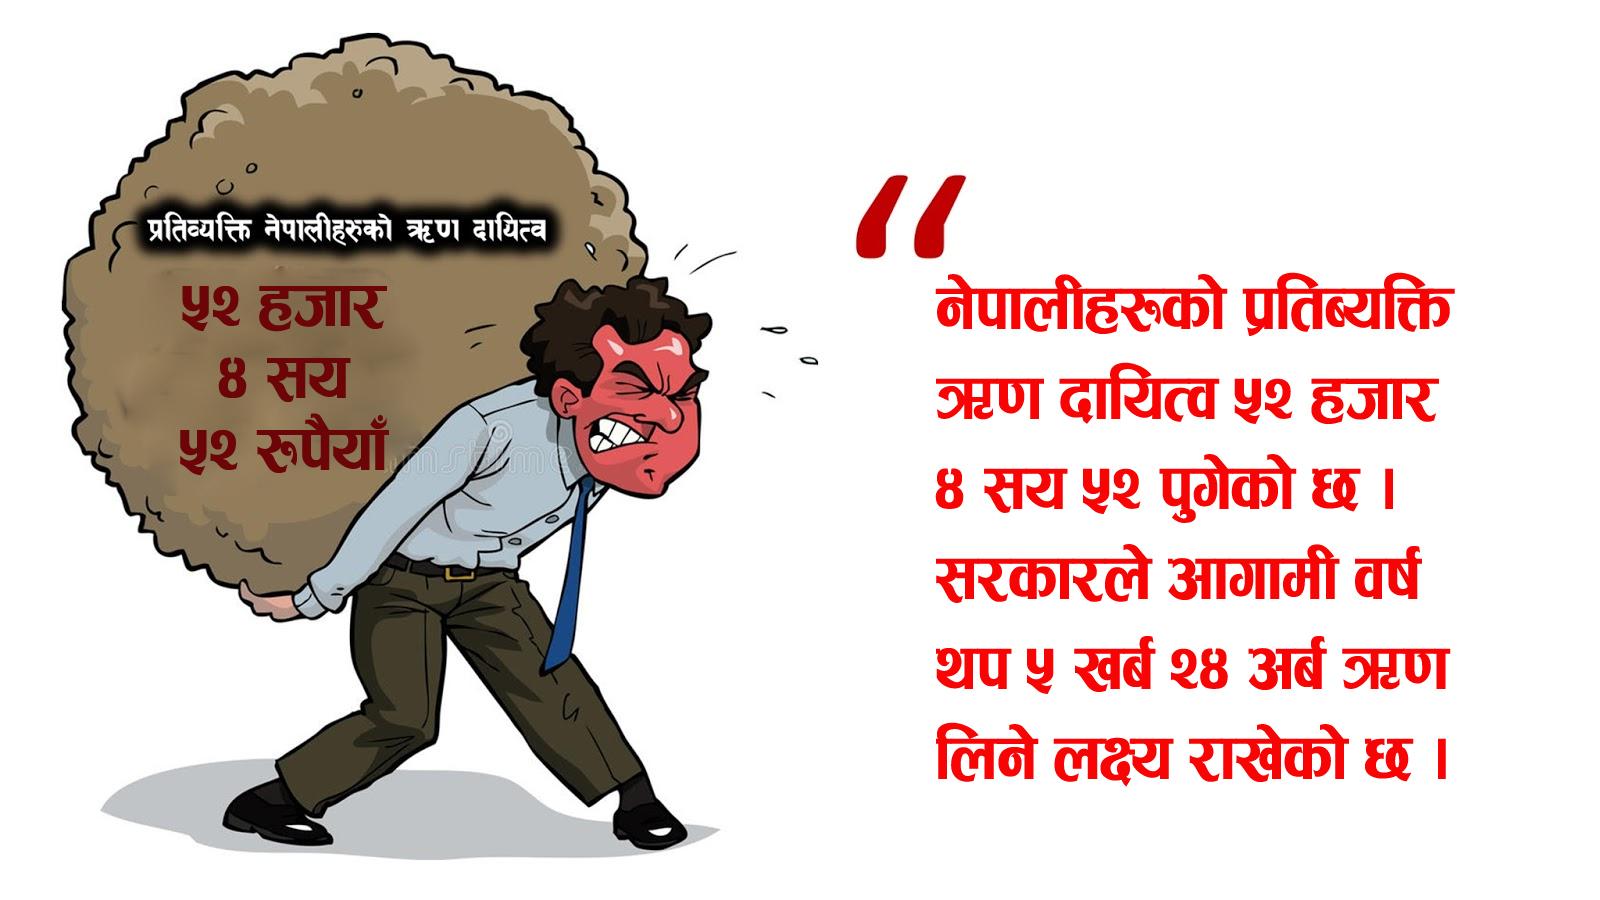 प्रत्येक नेपालीलाई ५ हजार रुपैयाँ ऋण थपियो